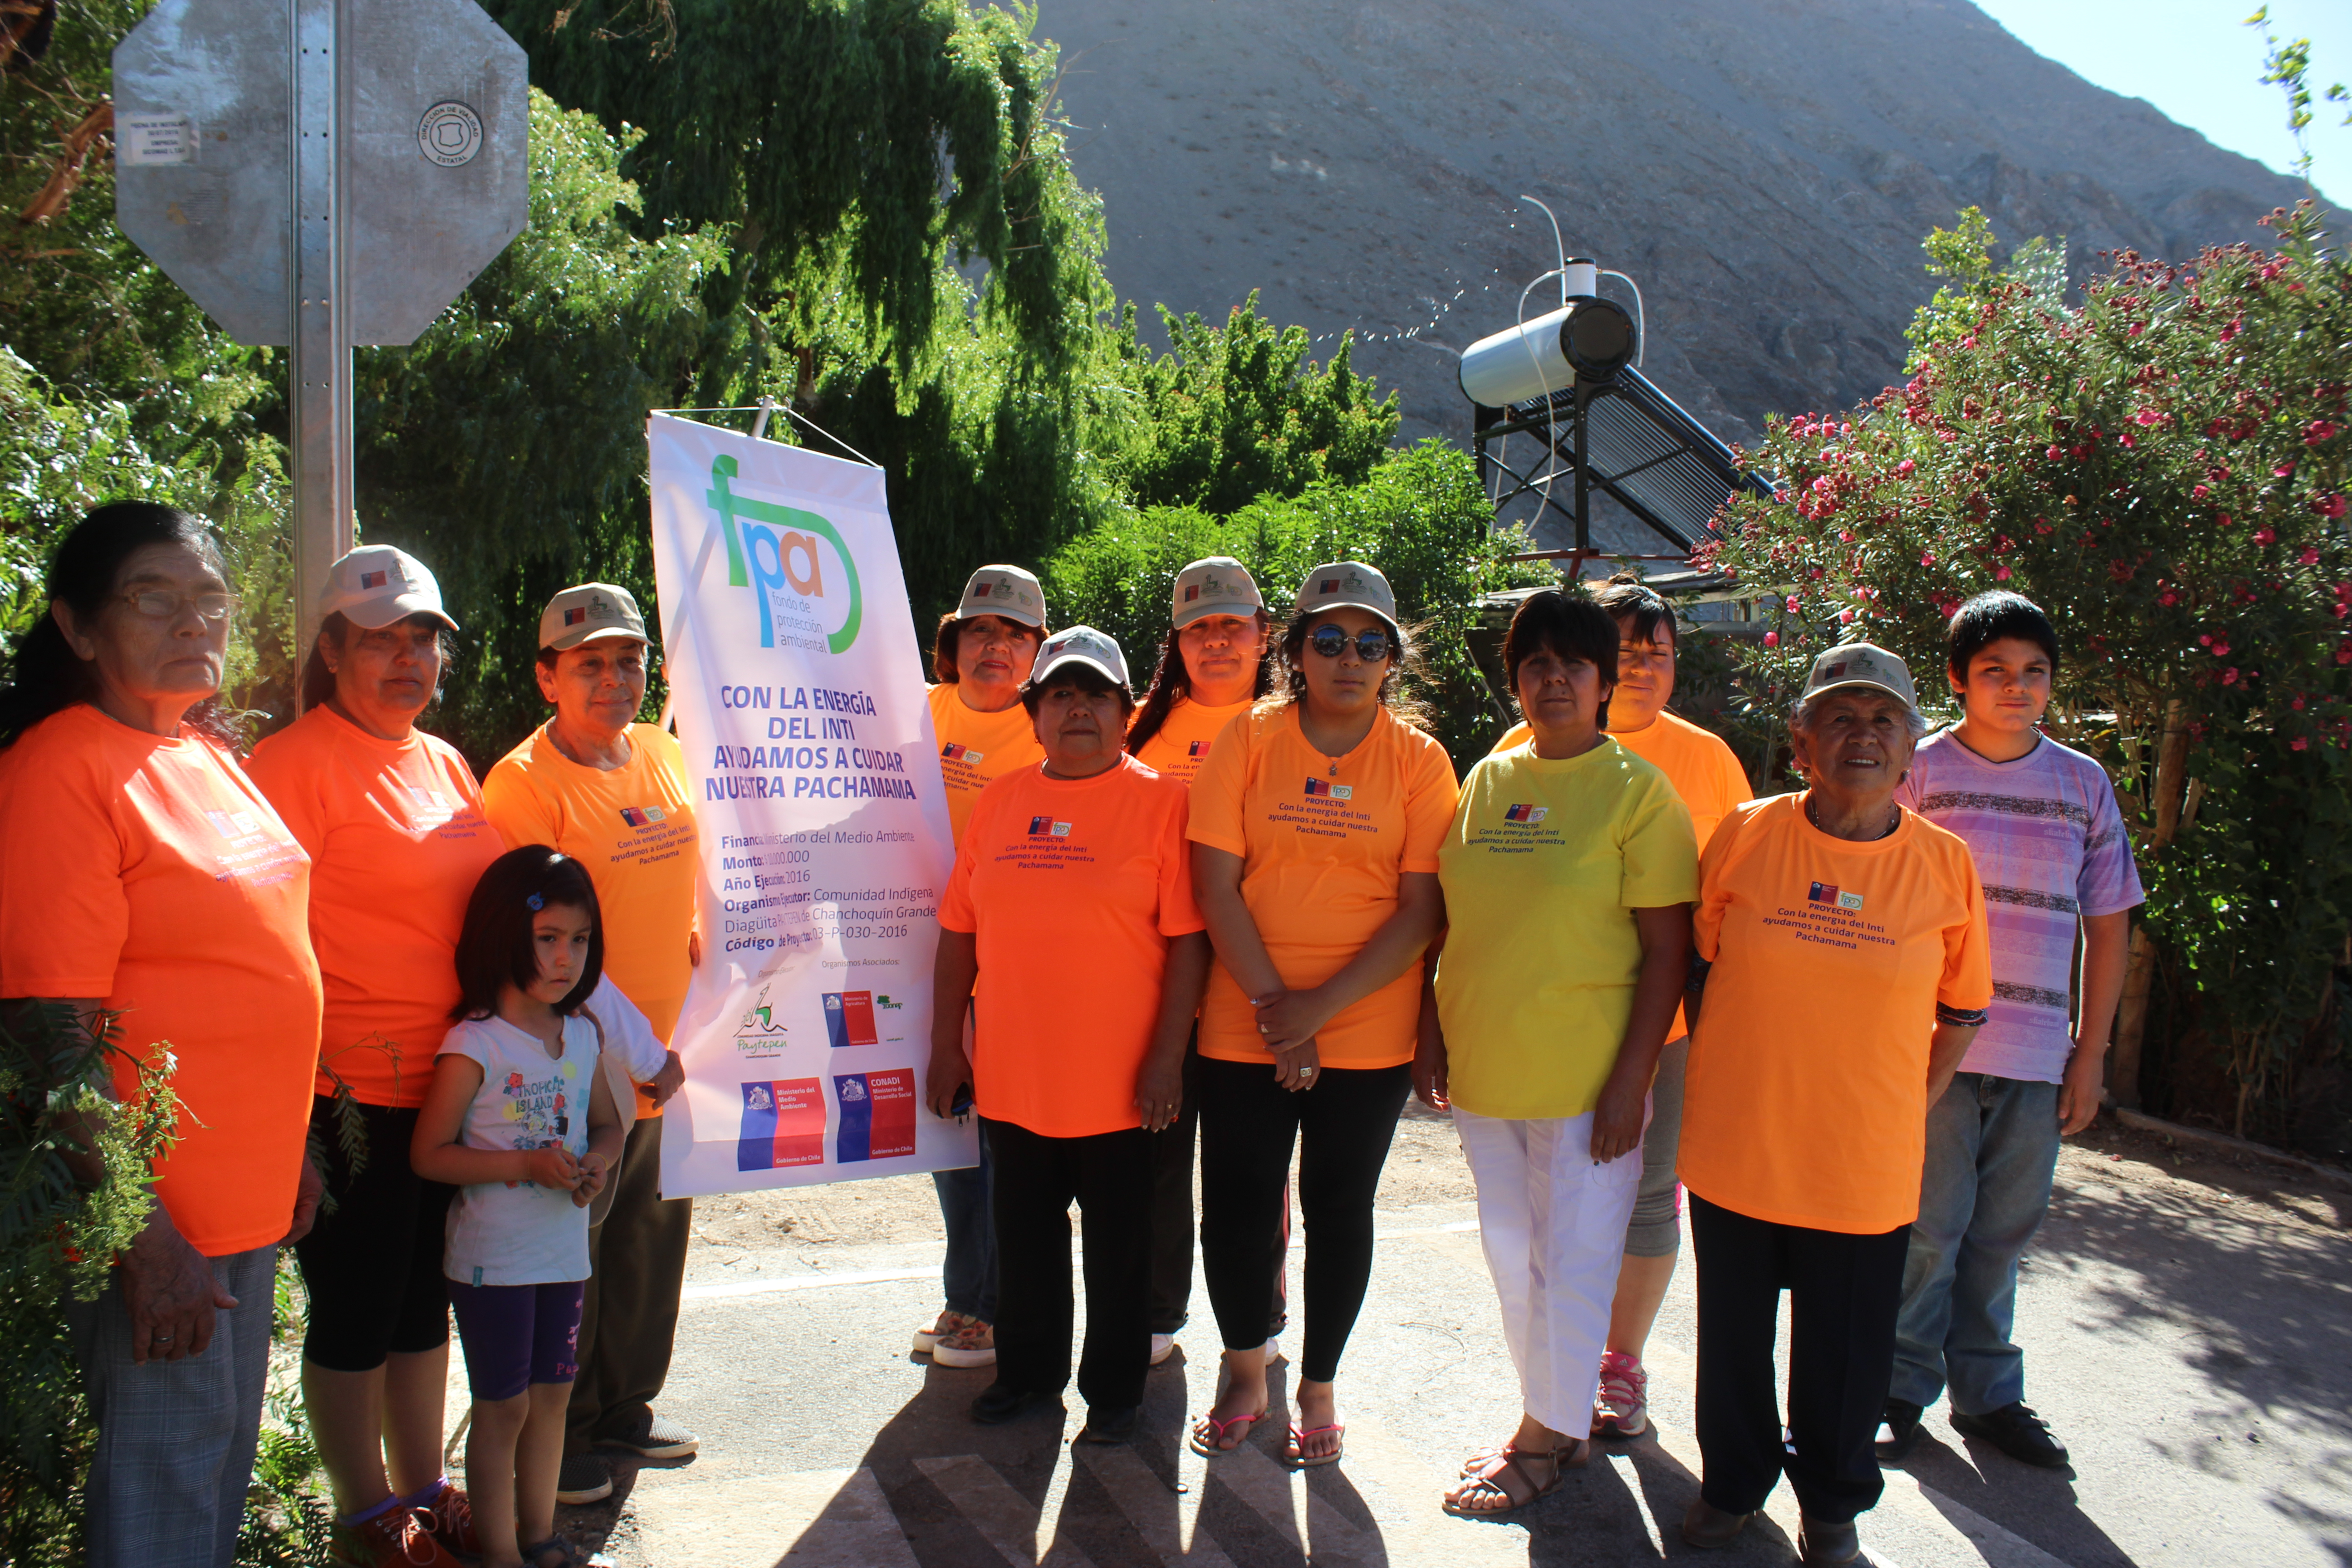 16 familias de Chanchoquín Grande ya cuentan con duchas solares en la comuna de Alto del Carmen